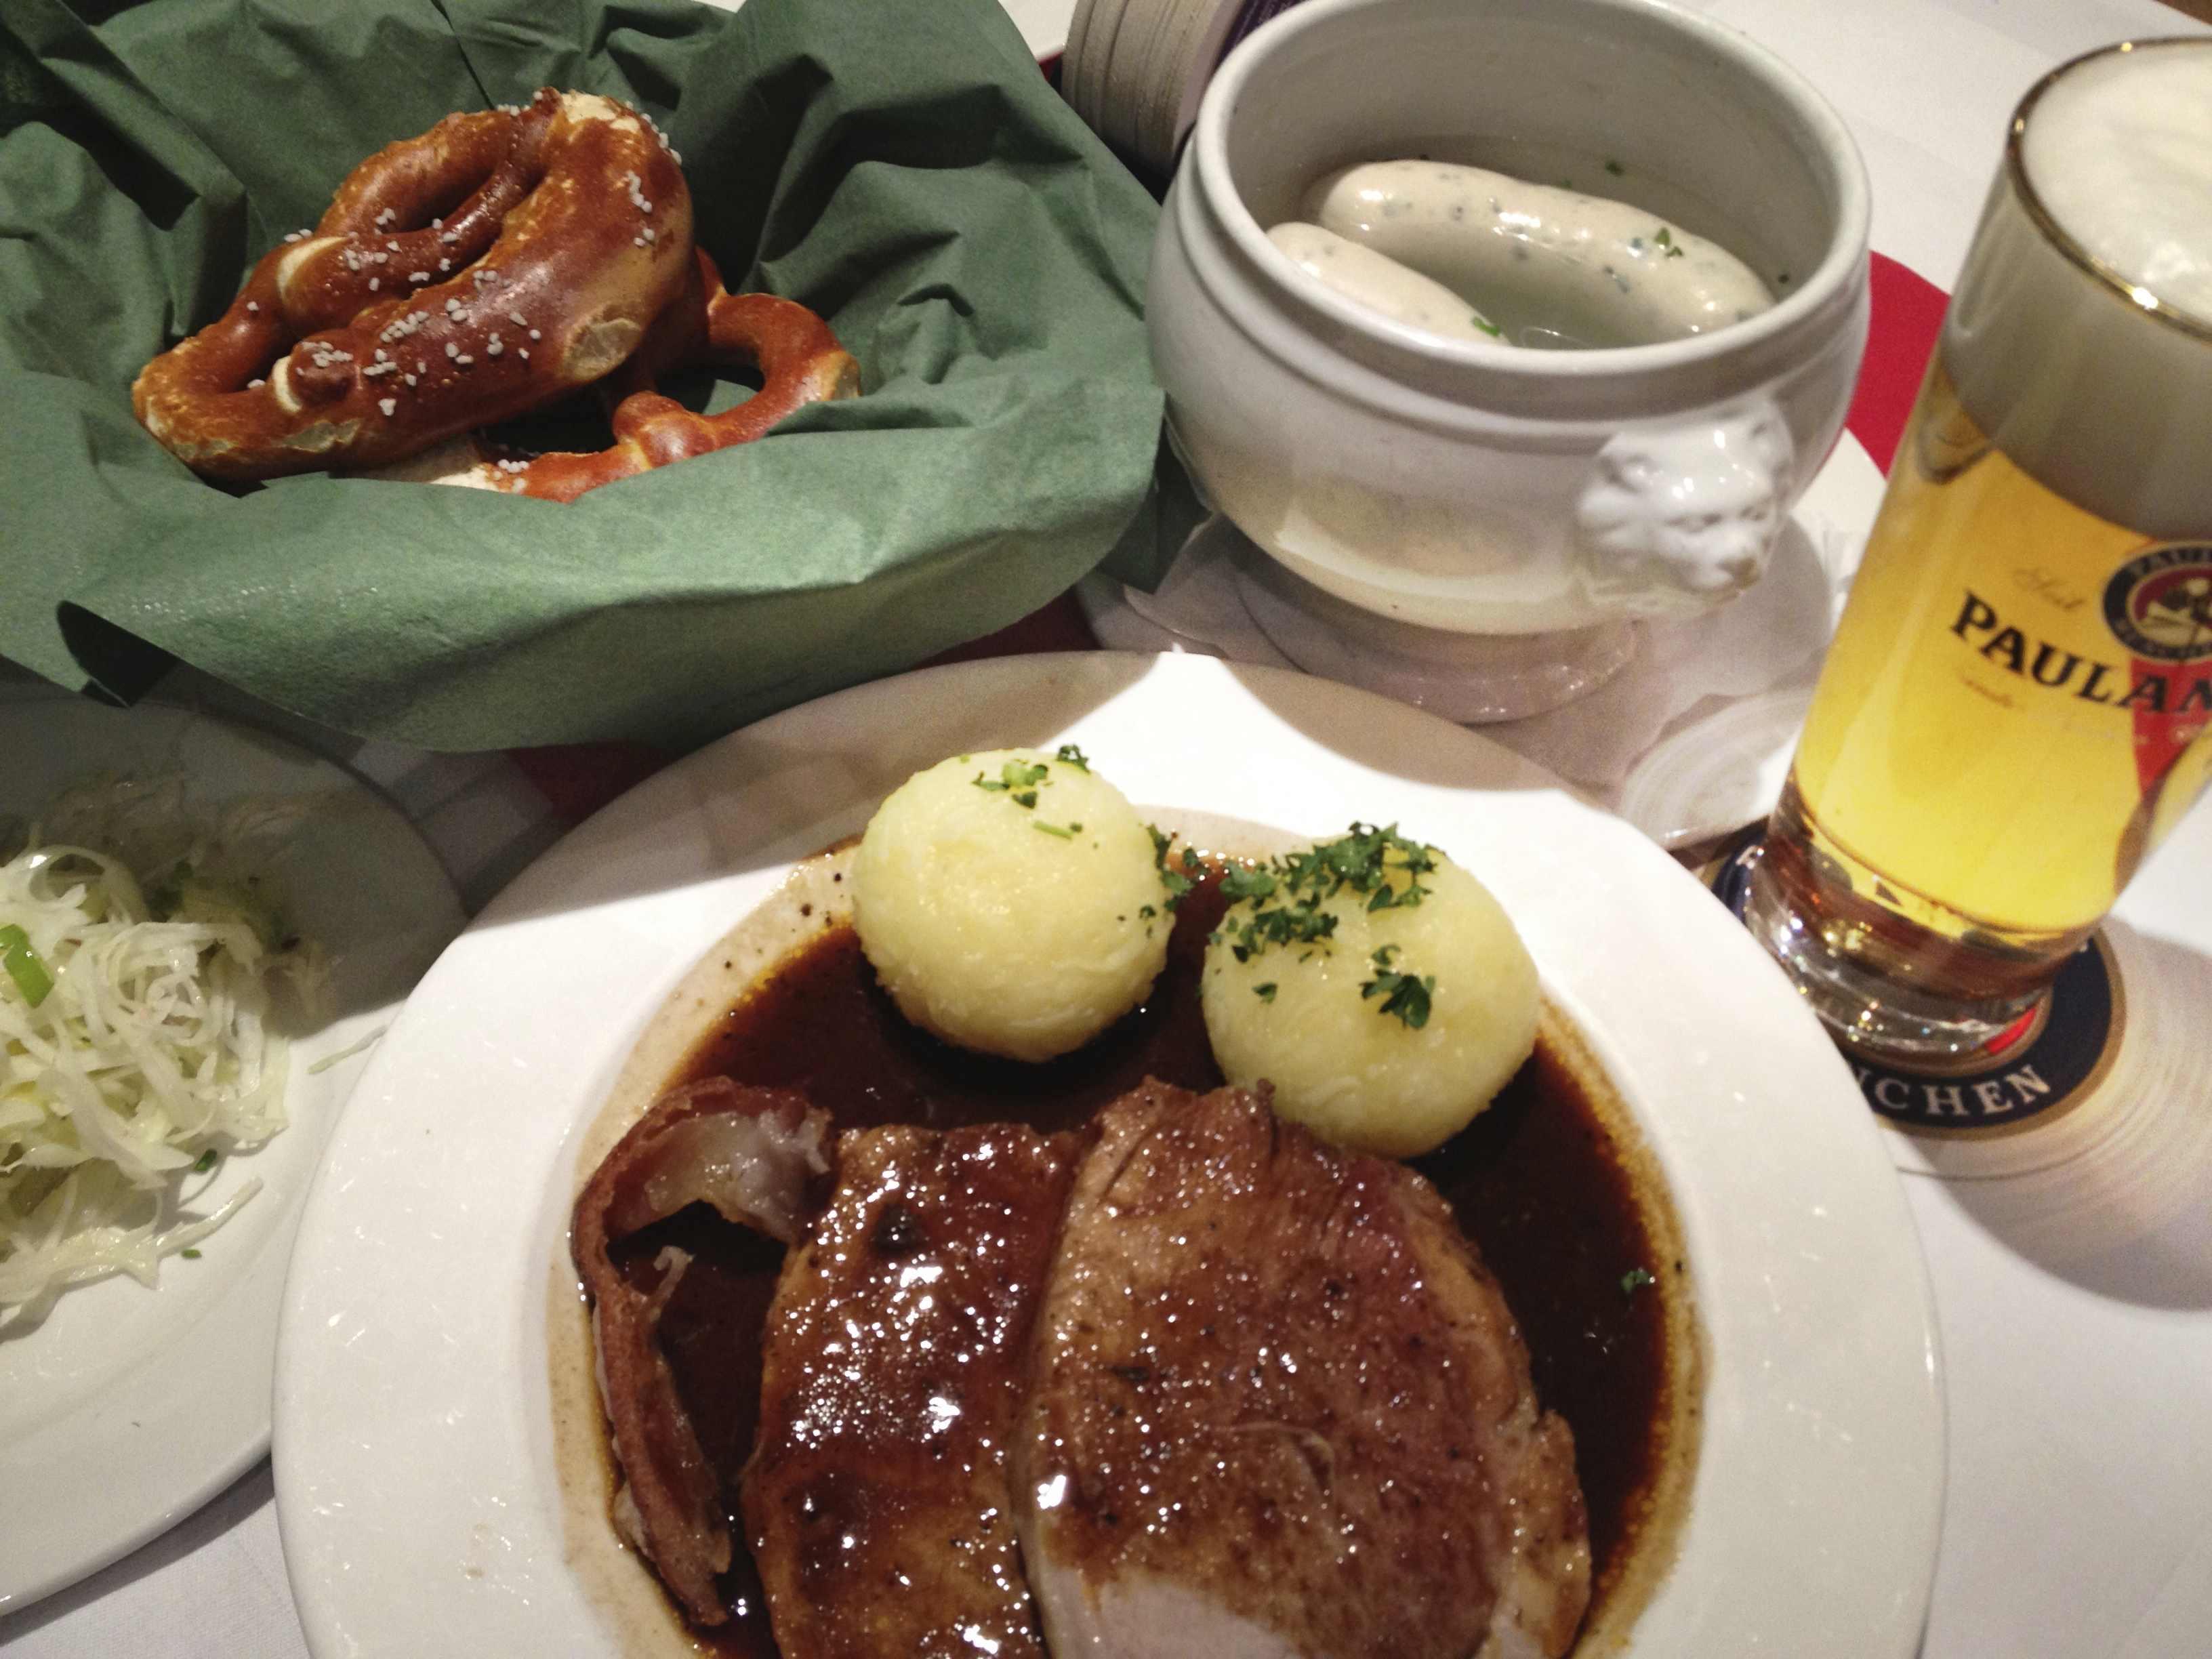 牛肉のローストと白ソーセージとプレッツェル(ドイツ料理)牛肉のローストと白ソーセージとプレッツェル(ドイツ料理)